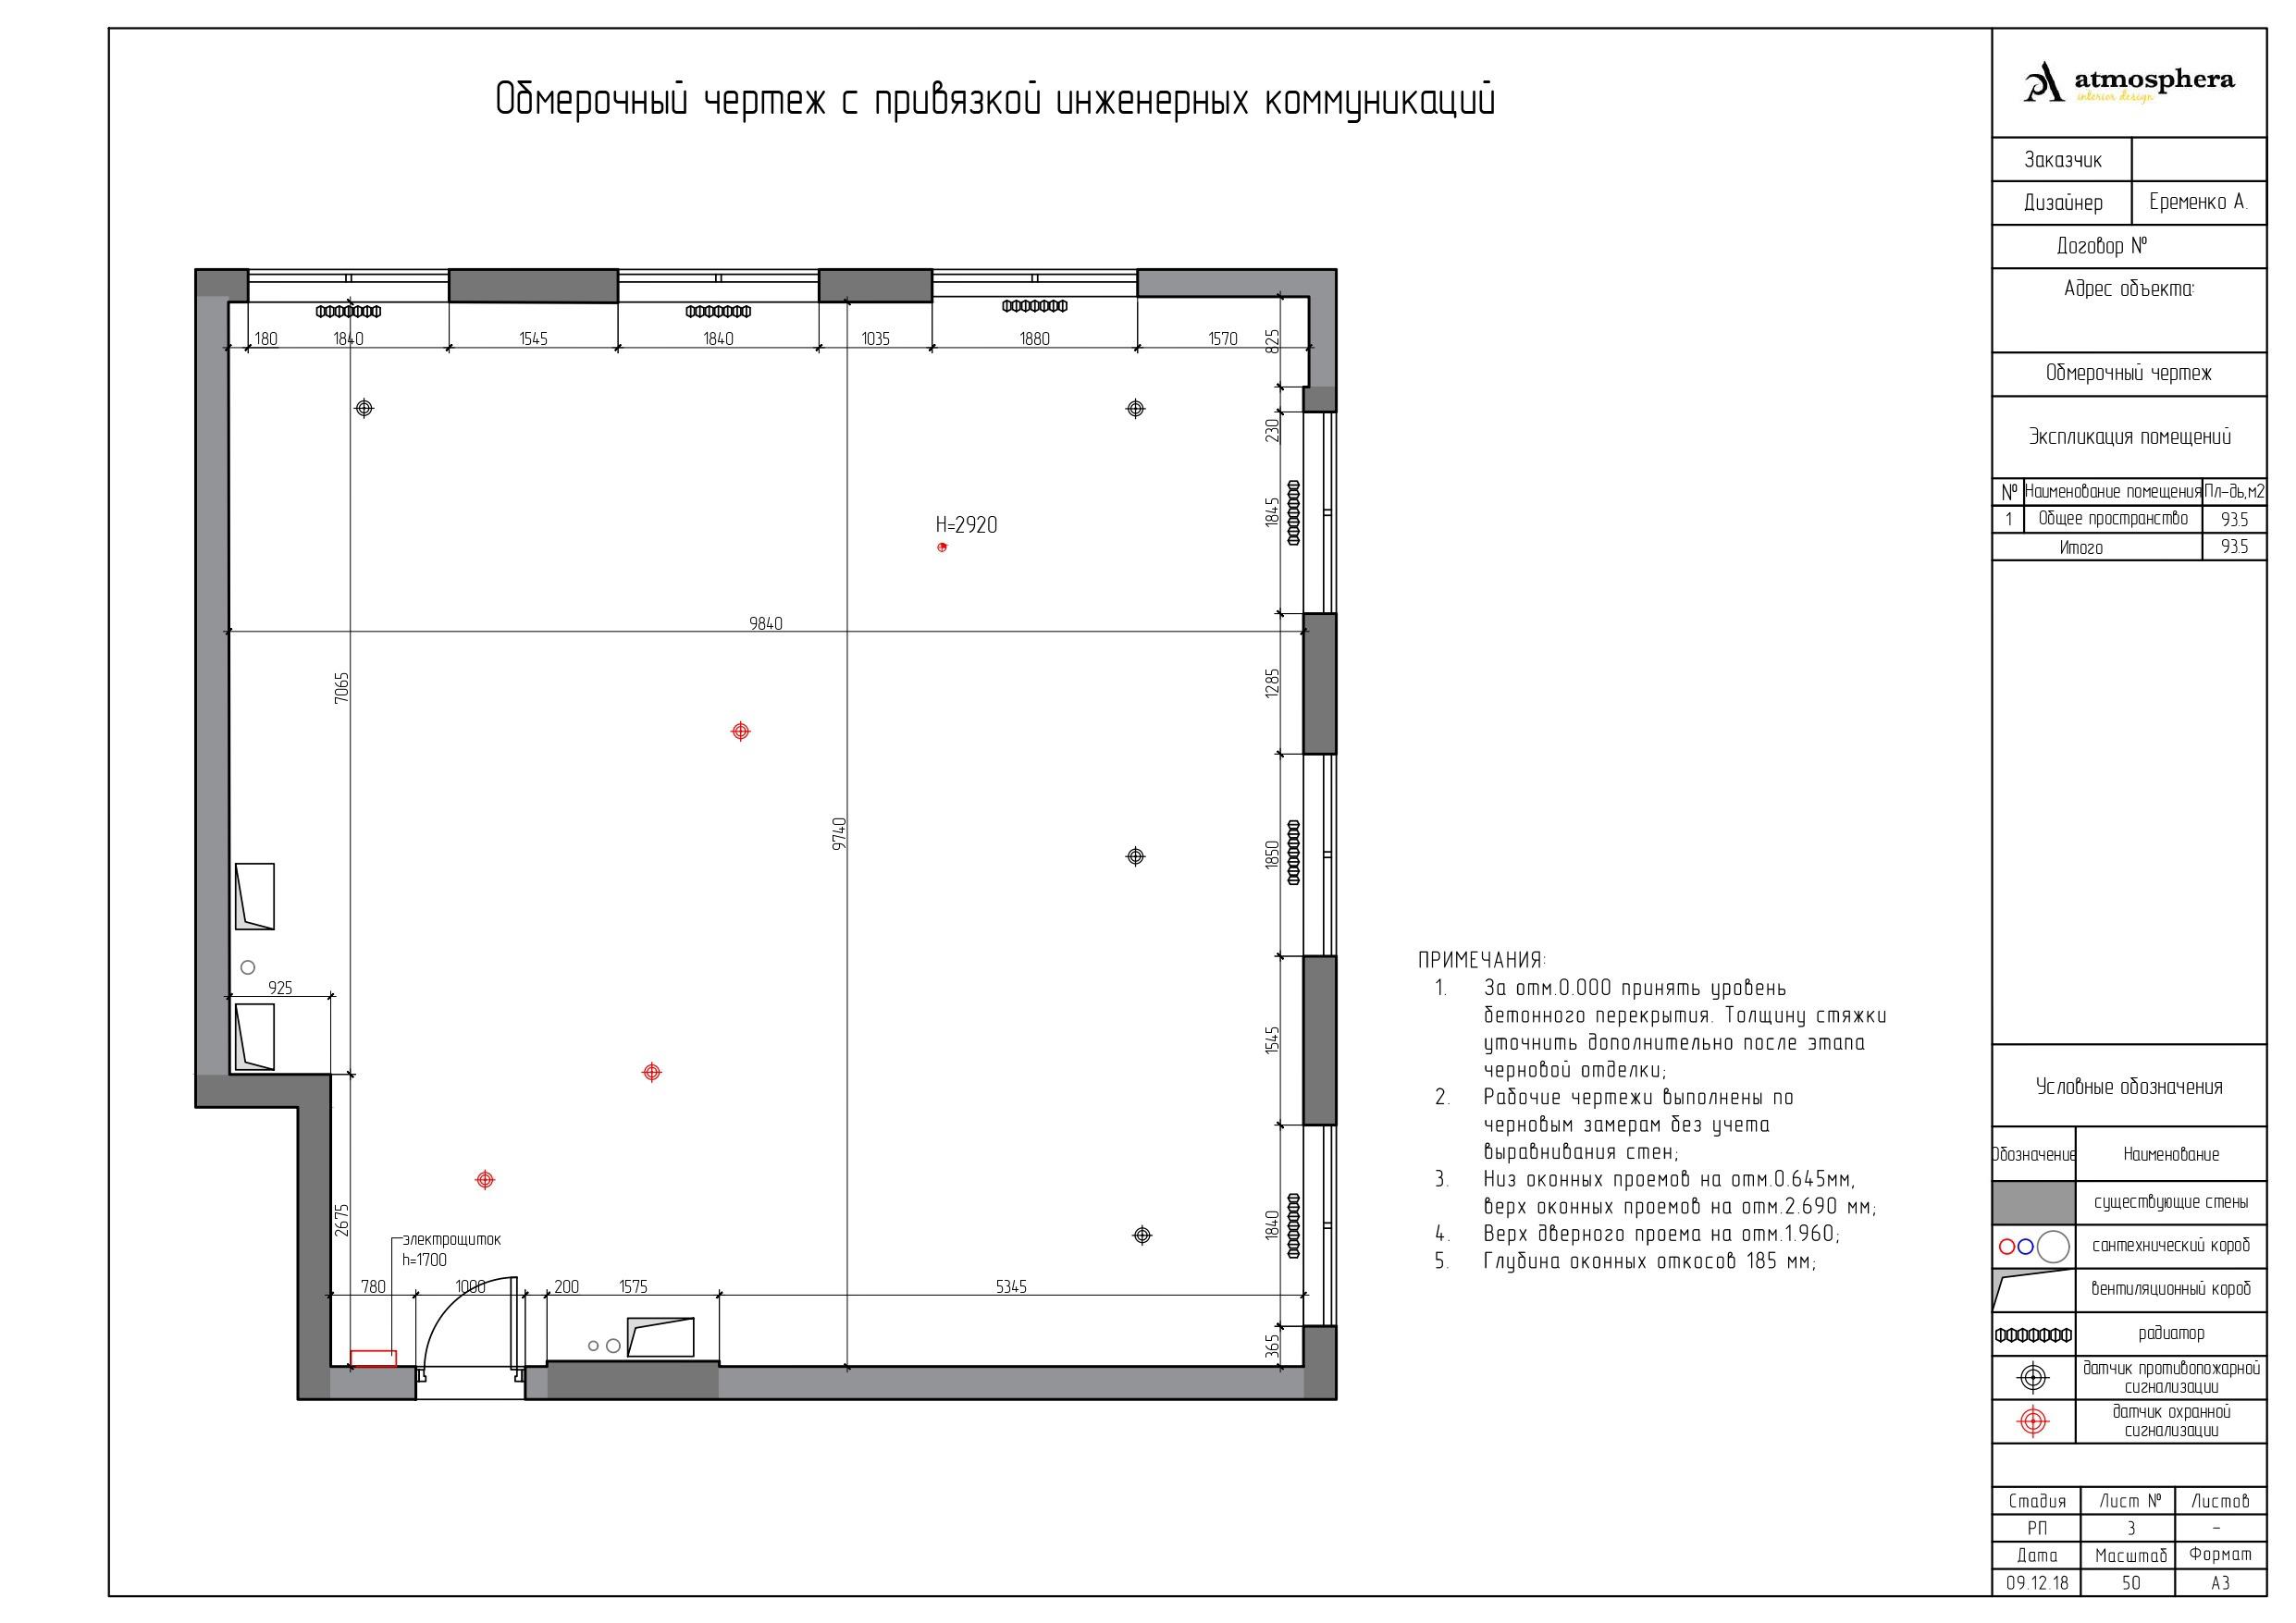 Обмерочный чертеж ЖК «PerovSky»